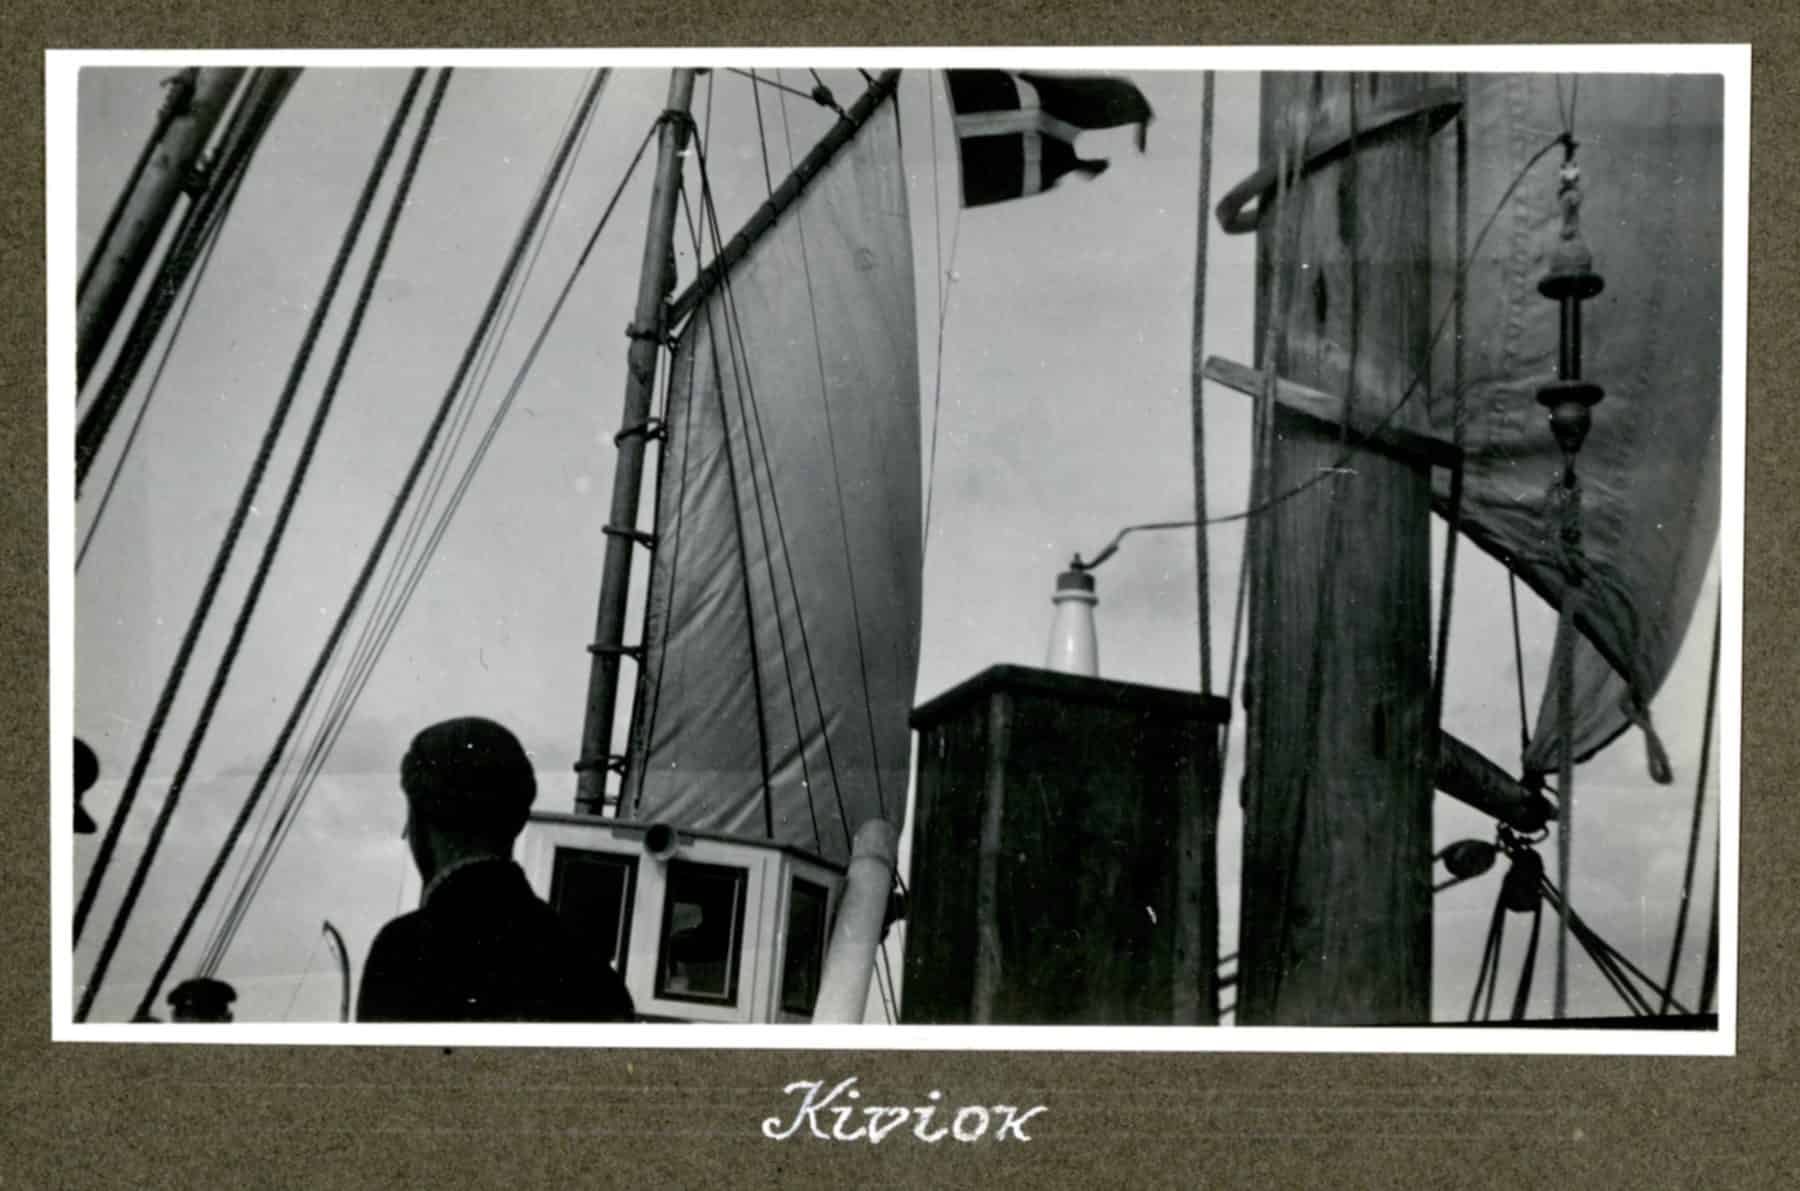 Kivioq foto fra Knud Rasmussen Arkivet - 6